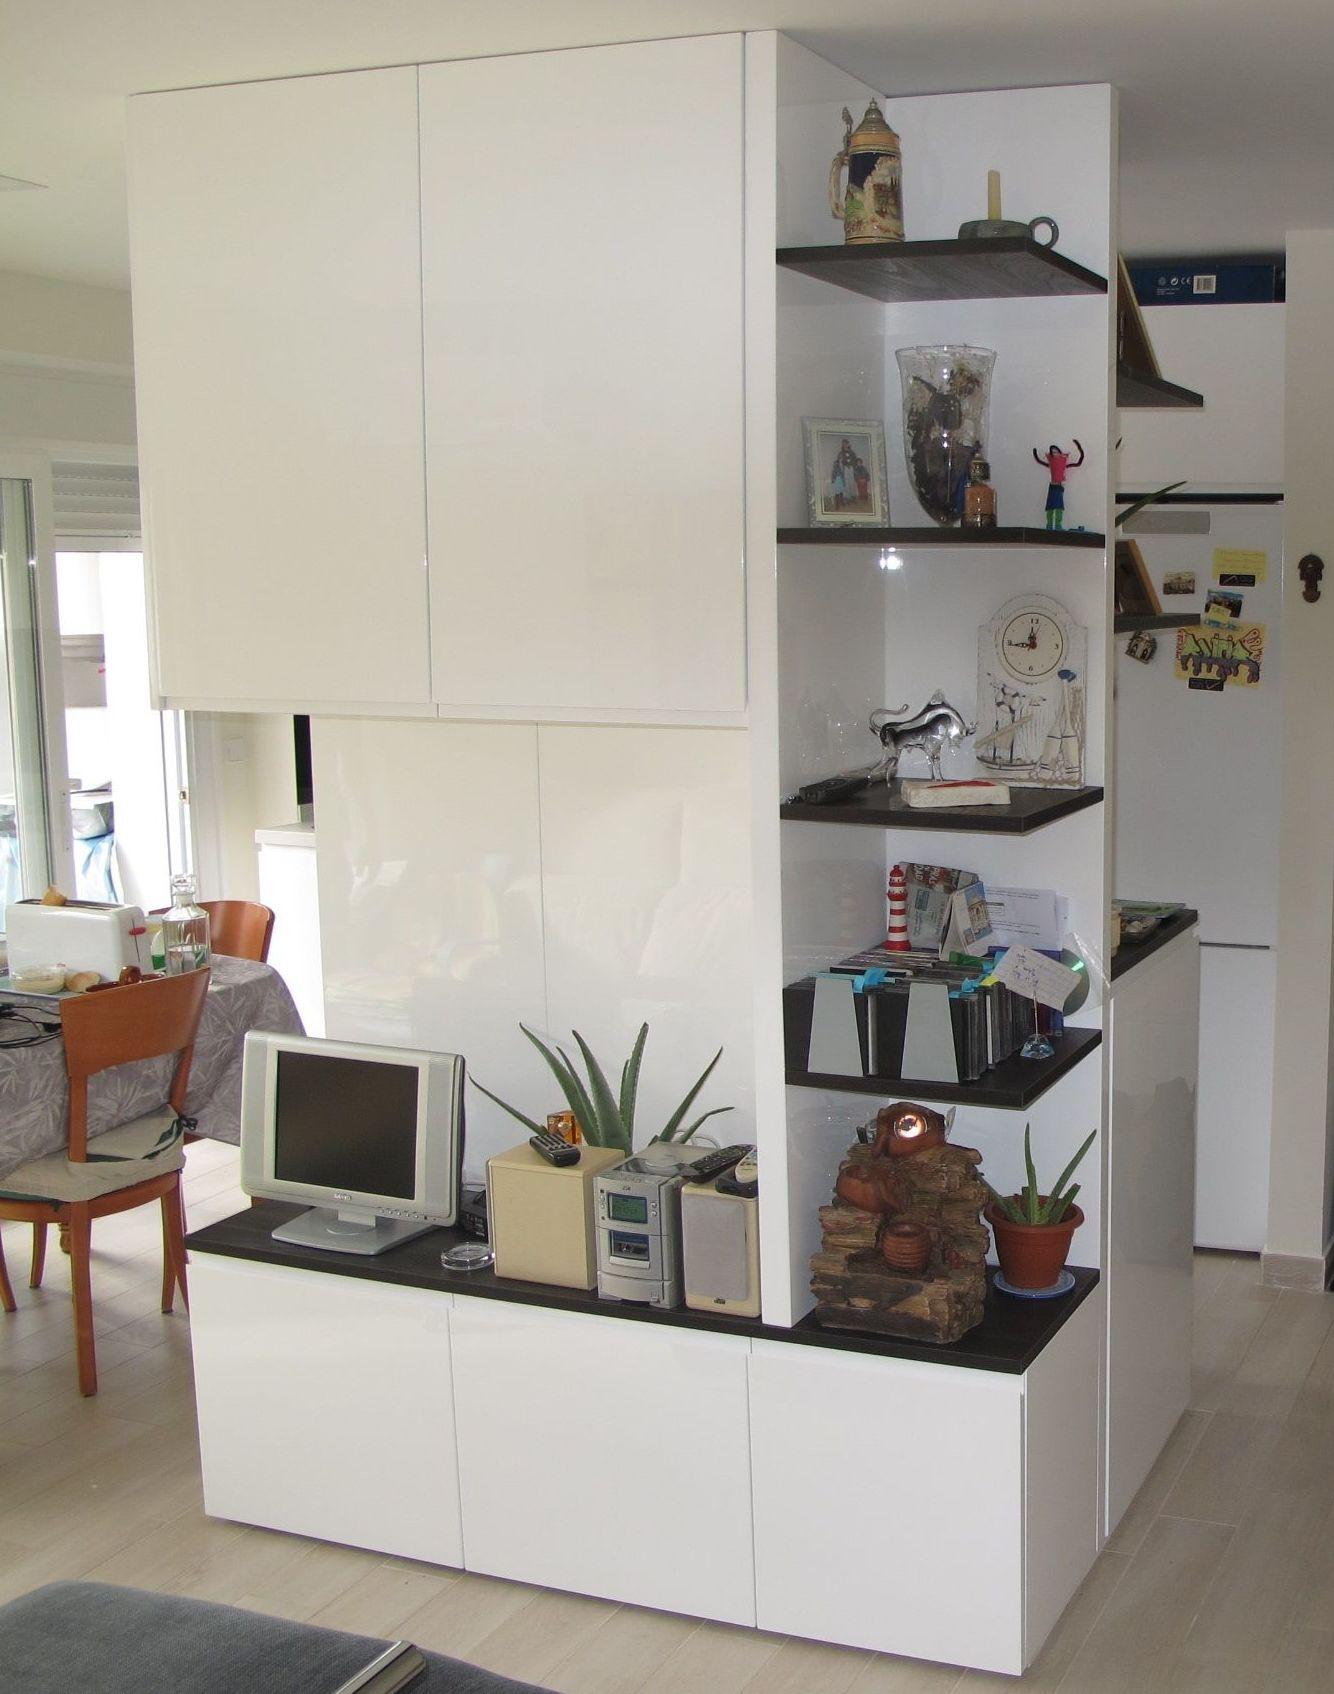 Muebles de Cocina - Proyecto realizado en carabanchel: PROYECTOS REALIZADOS de Diseño Cocinas MC